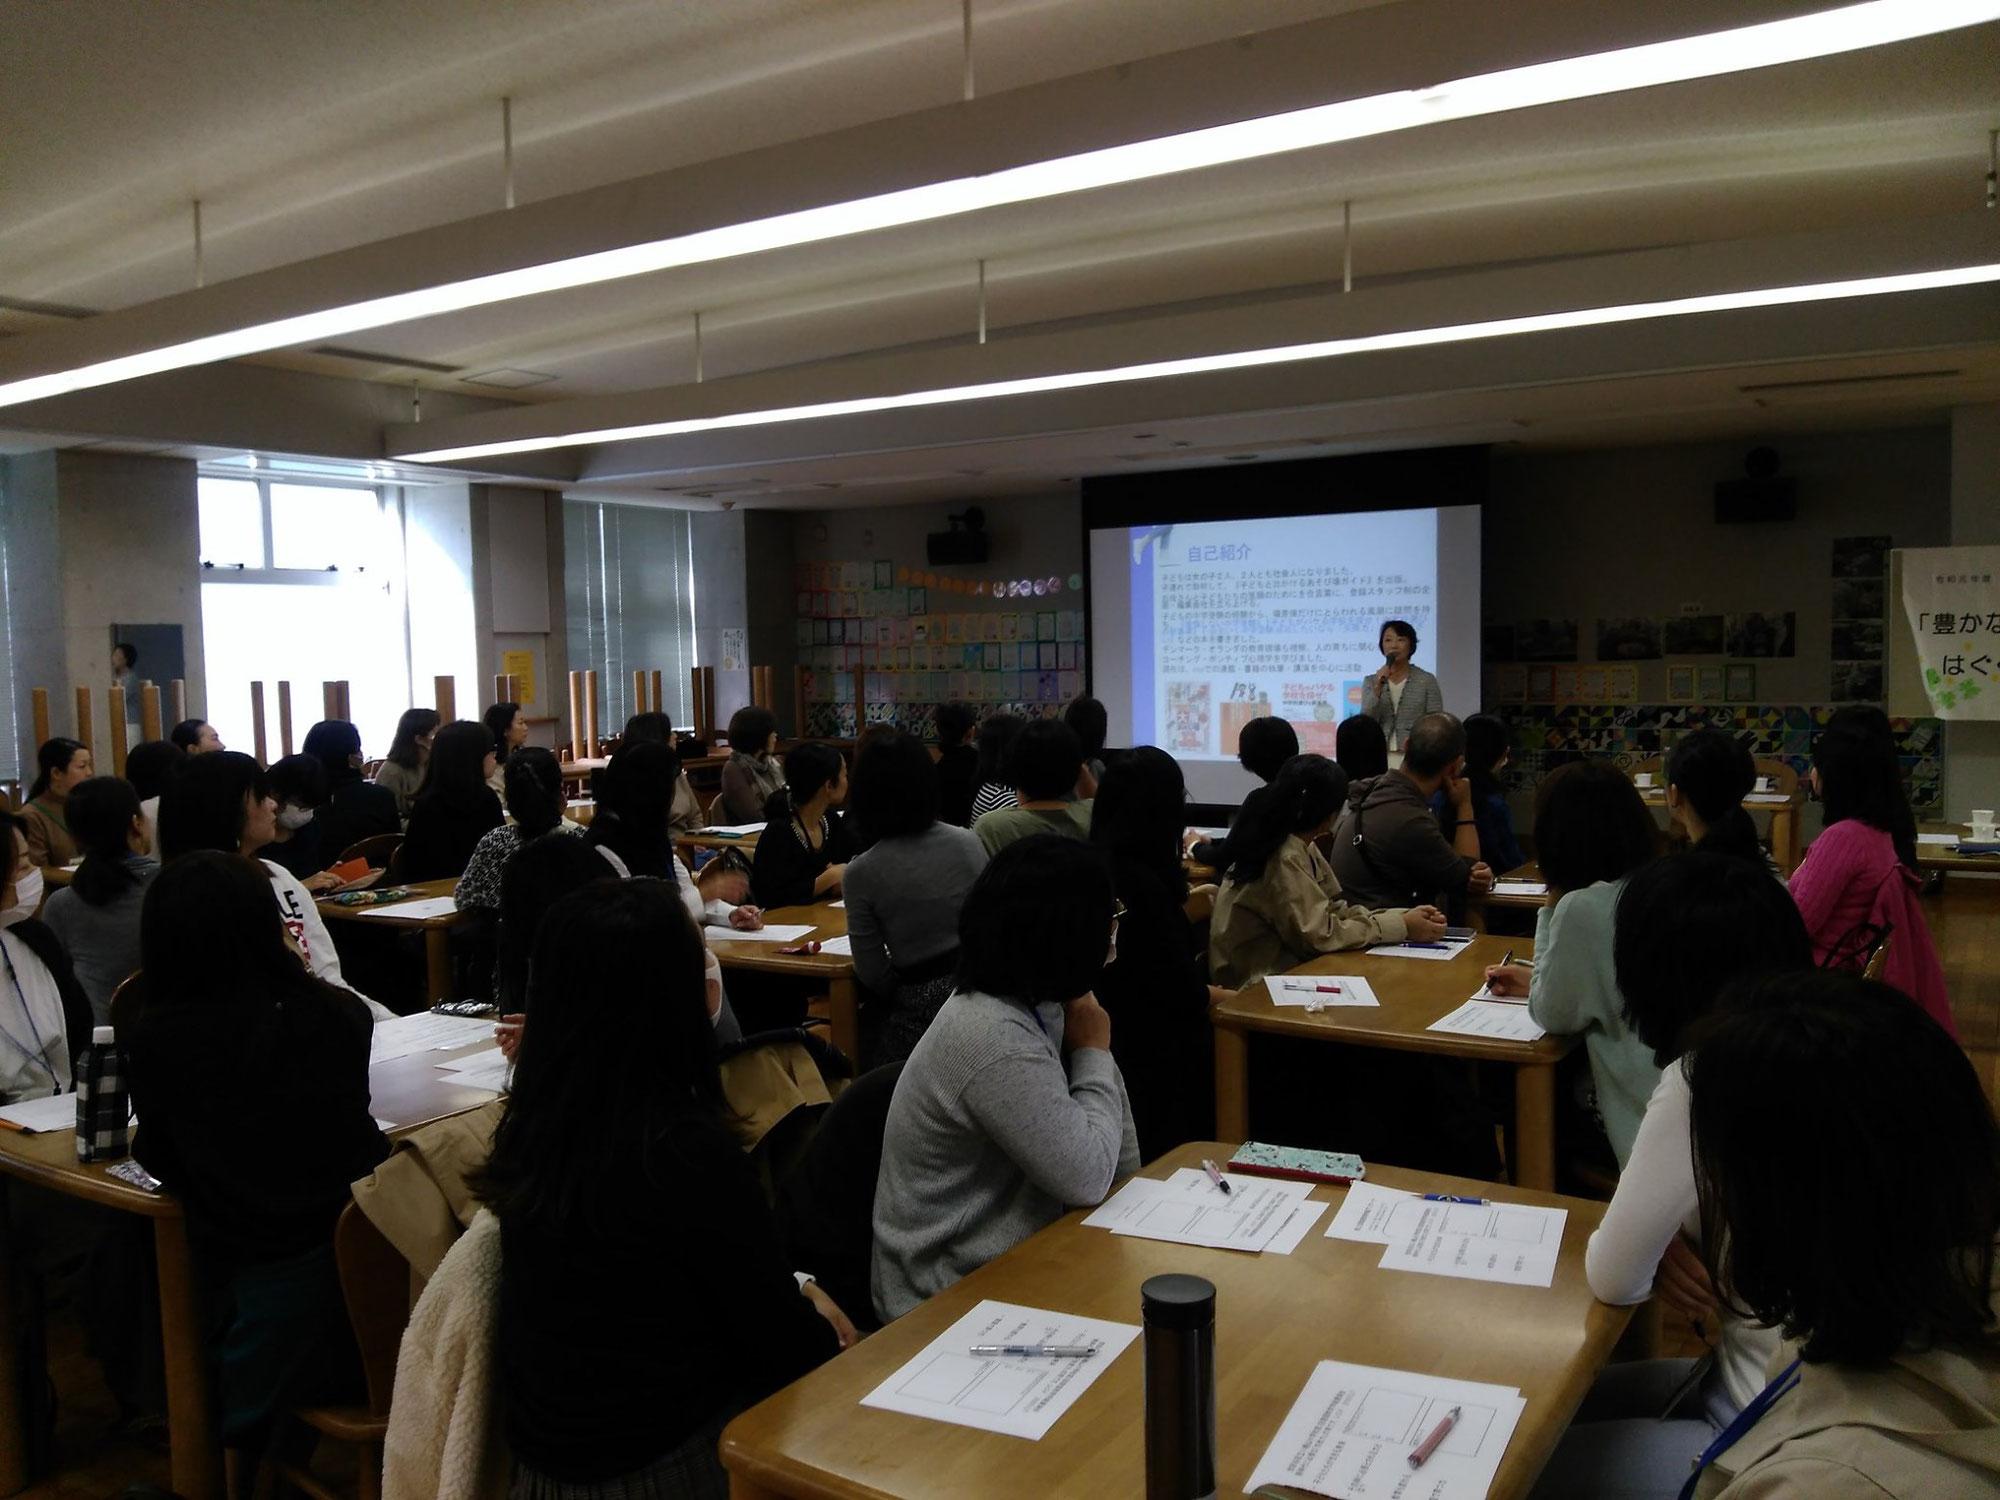 世田谷区立八幡山小でのPTA向け講演会でした